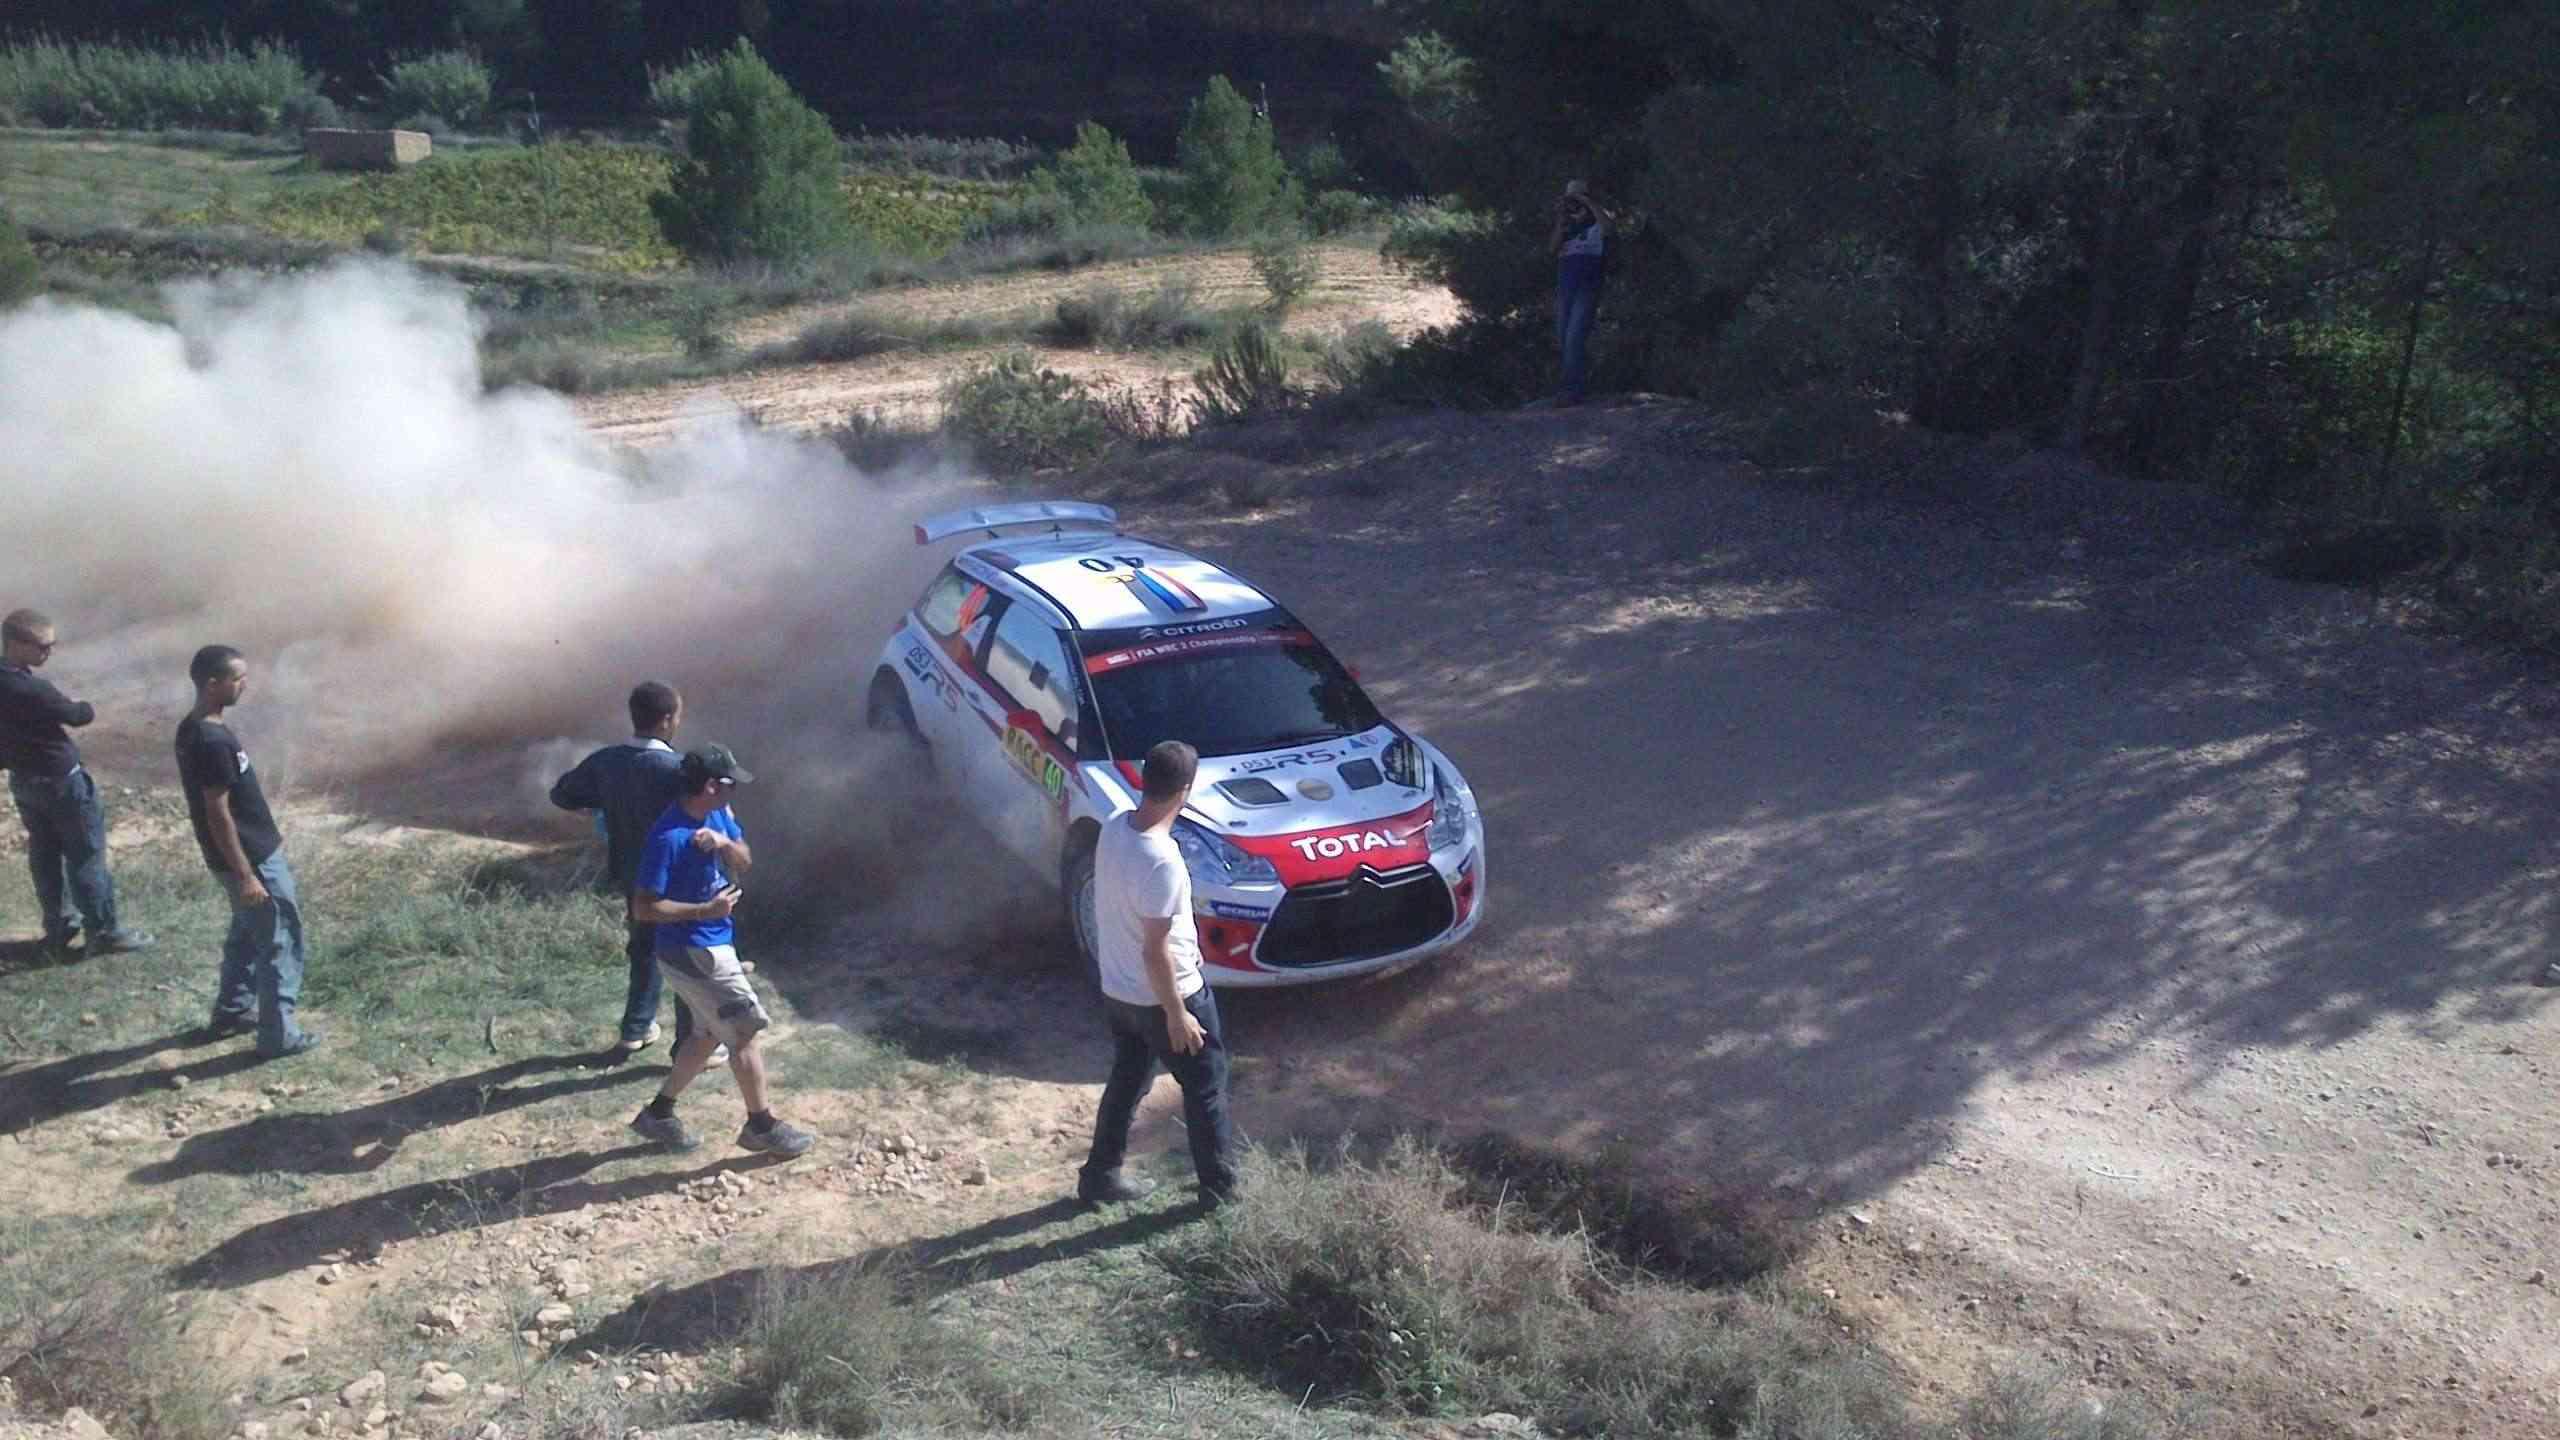 Quedada RaulGuerrero91 y Ruvigas   Rally España  Catalunya-Costa Daurada 2014 Dsc_5615